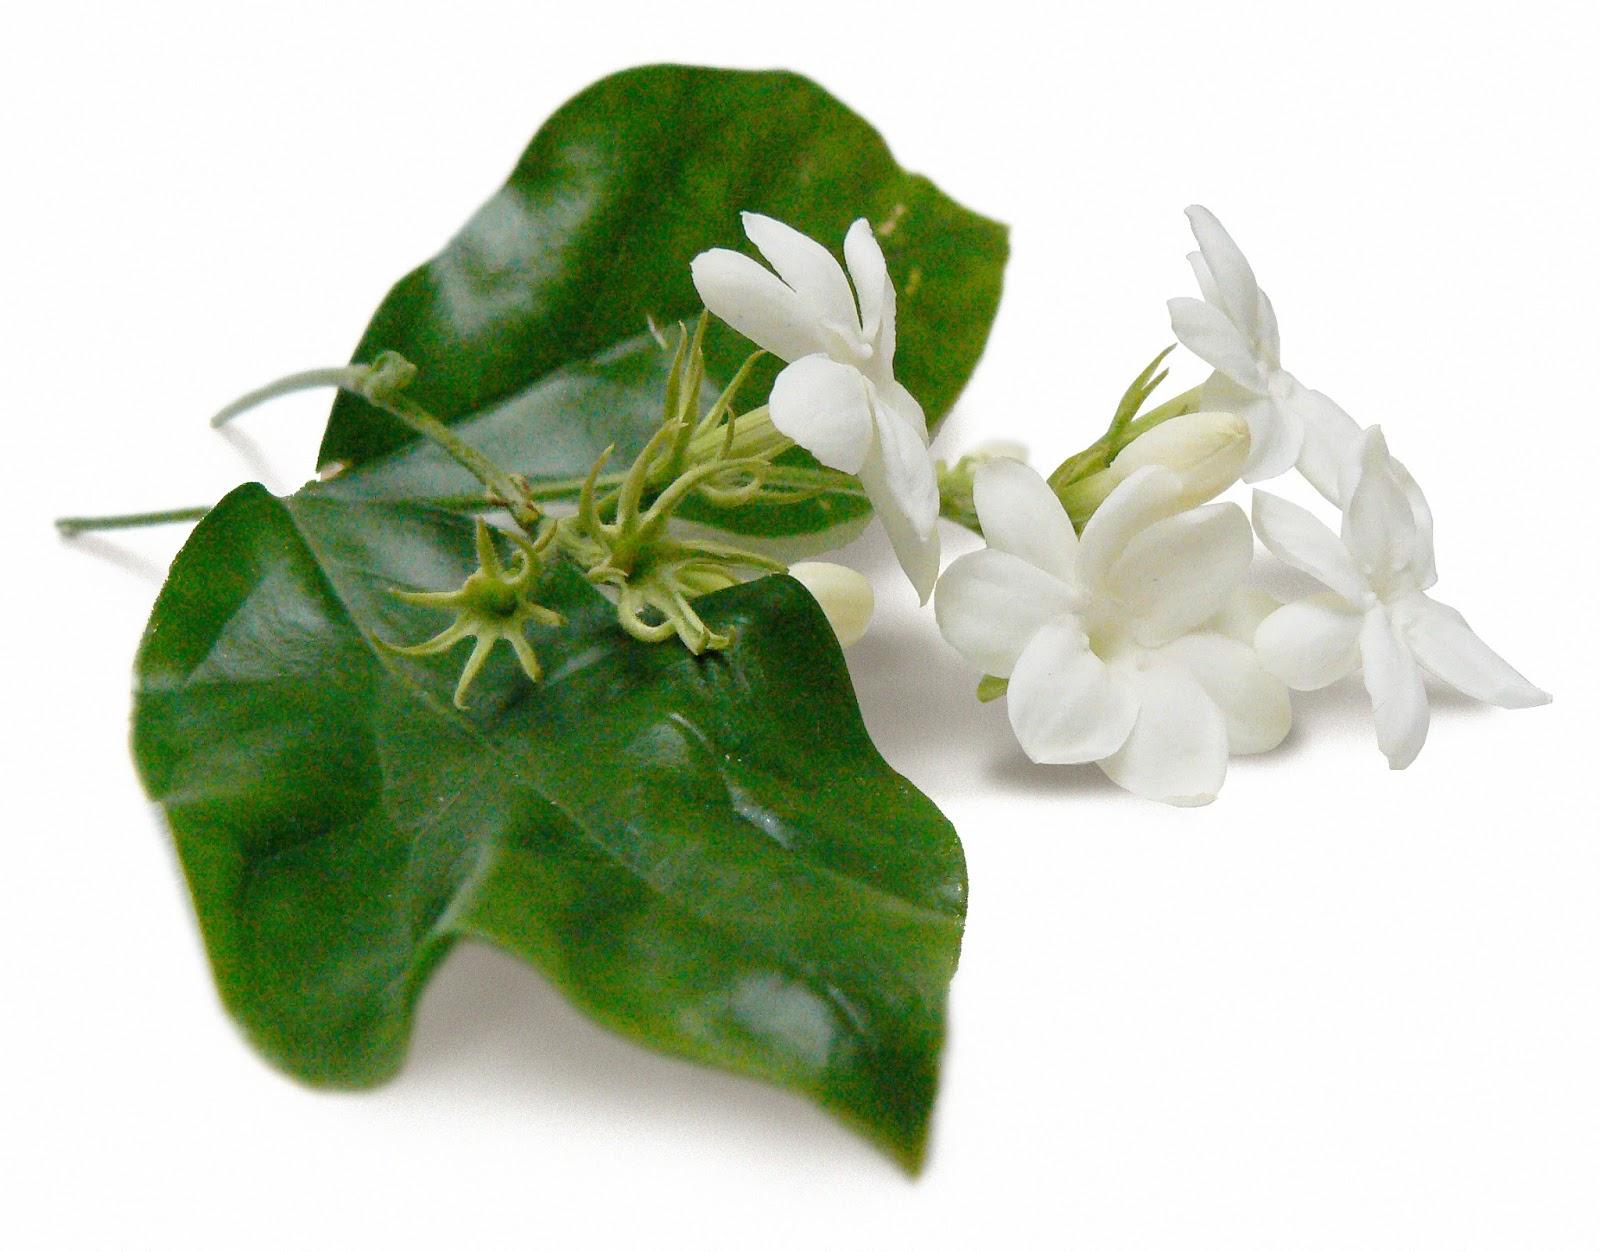 Jasmine sambac absolute phytexence izmirmasajfo